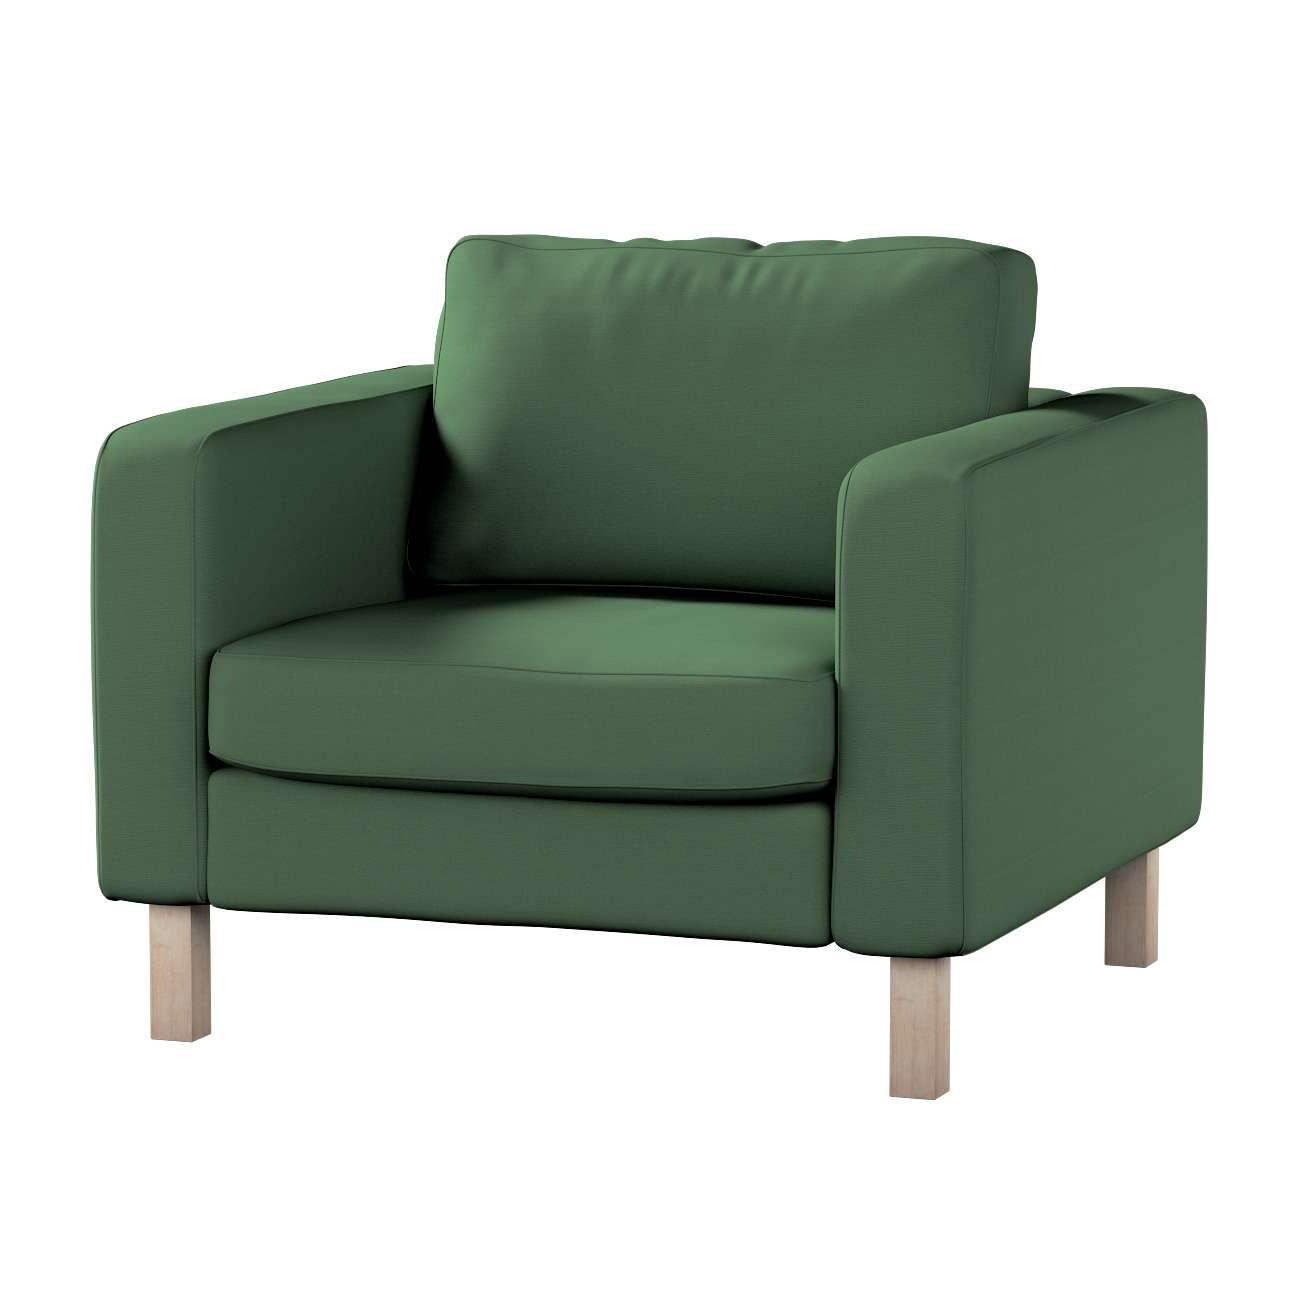 Potah na křeslo IKEA Karlstad, krátký potah na křeslo Karlstad krátký v kolekci Cotton Panama, látka: 702-06